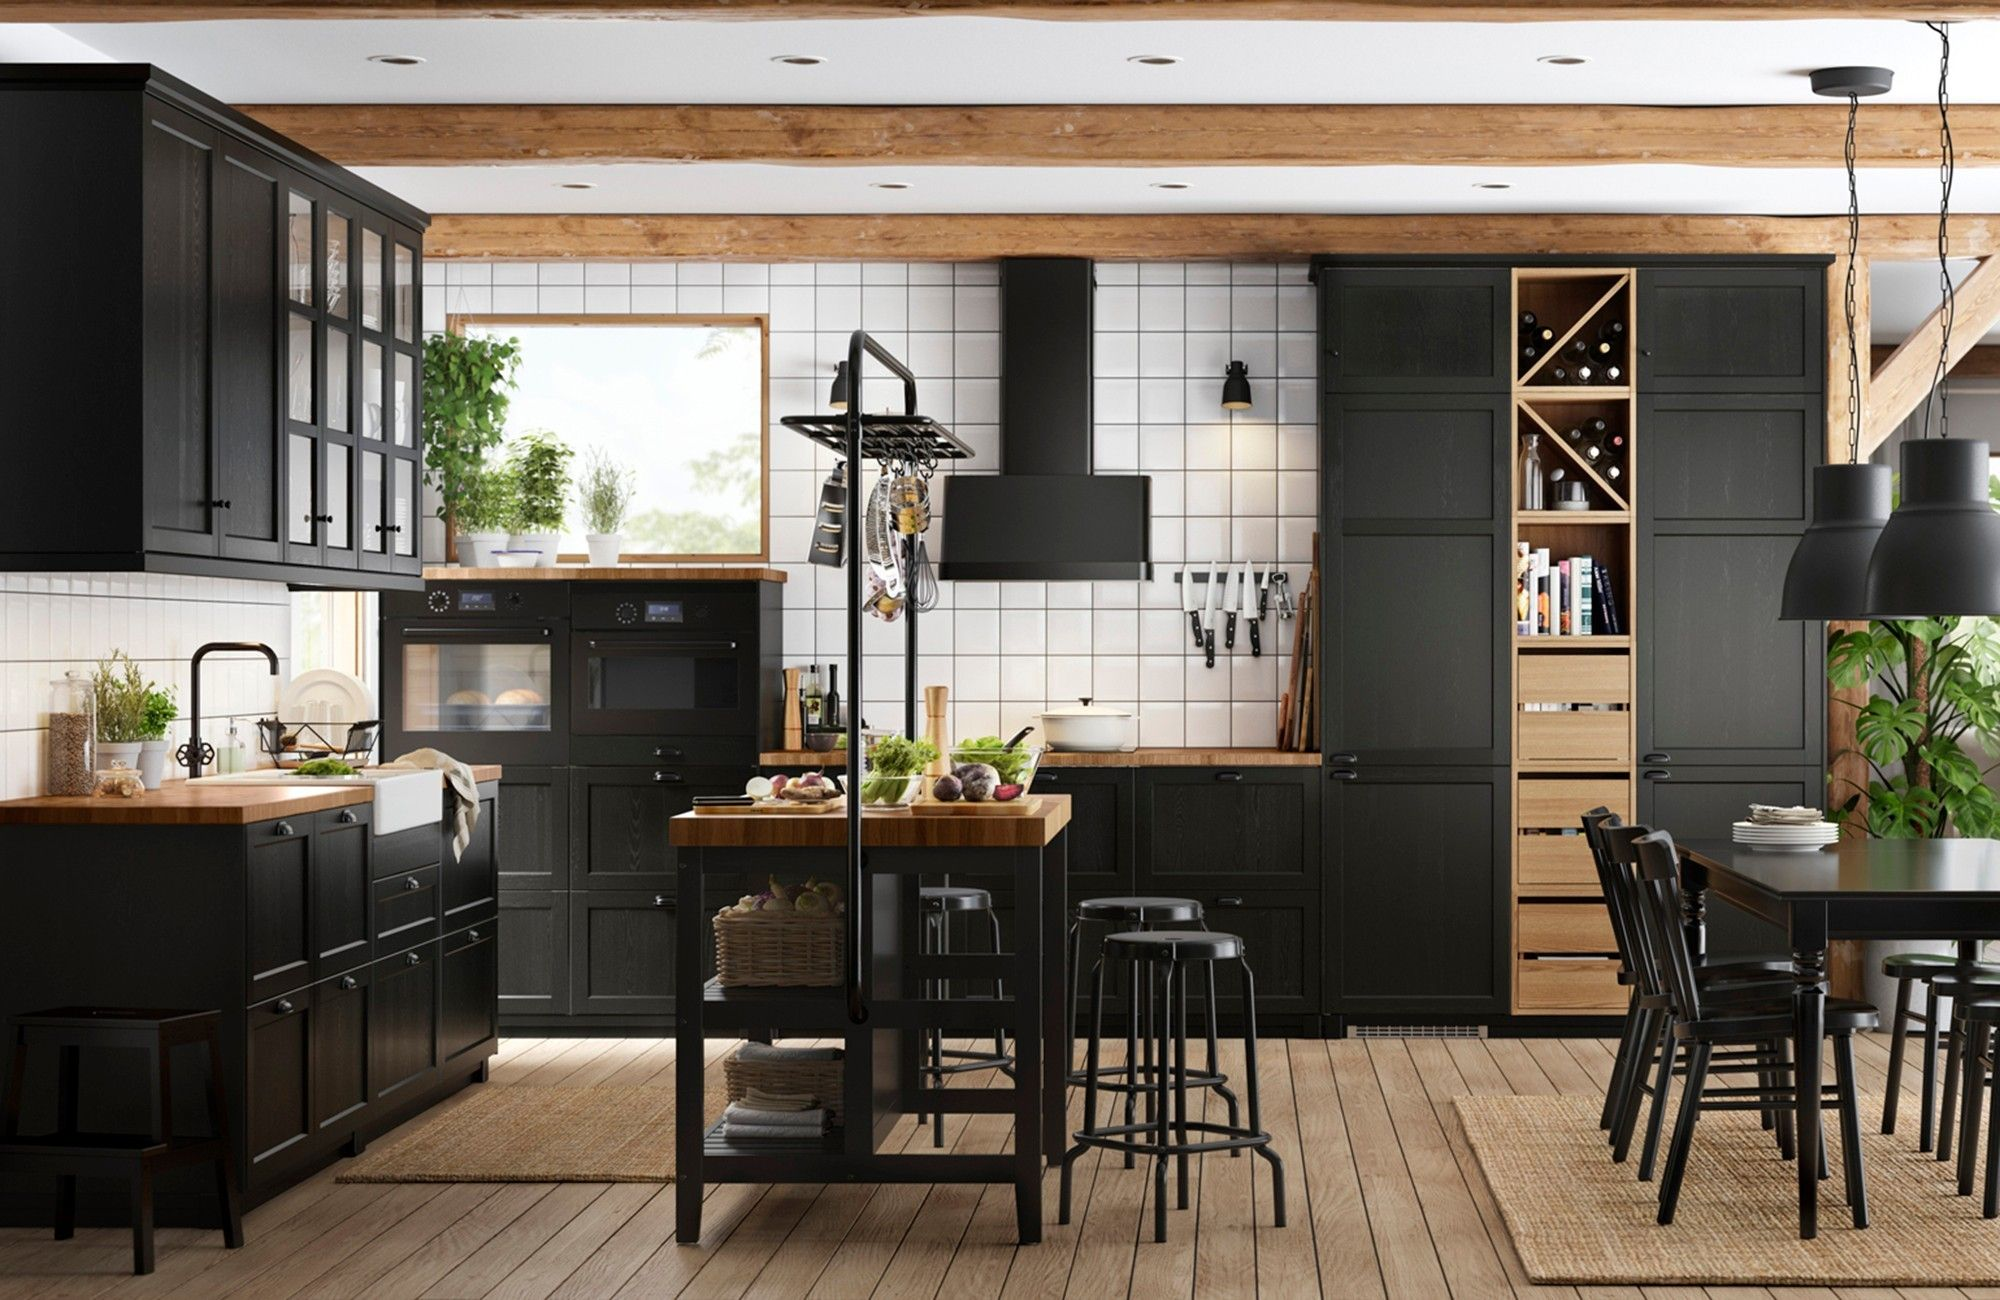 Best Ikea Lerhyttan Black Ikea Kitchen Kitchen Design Small 400 x 300